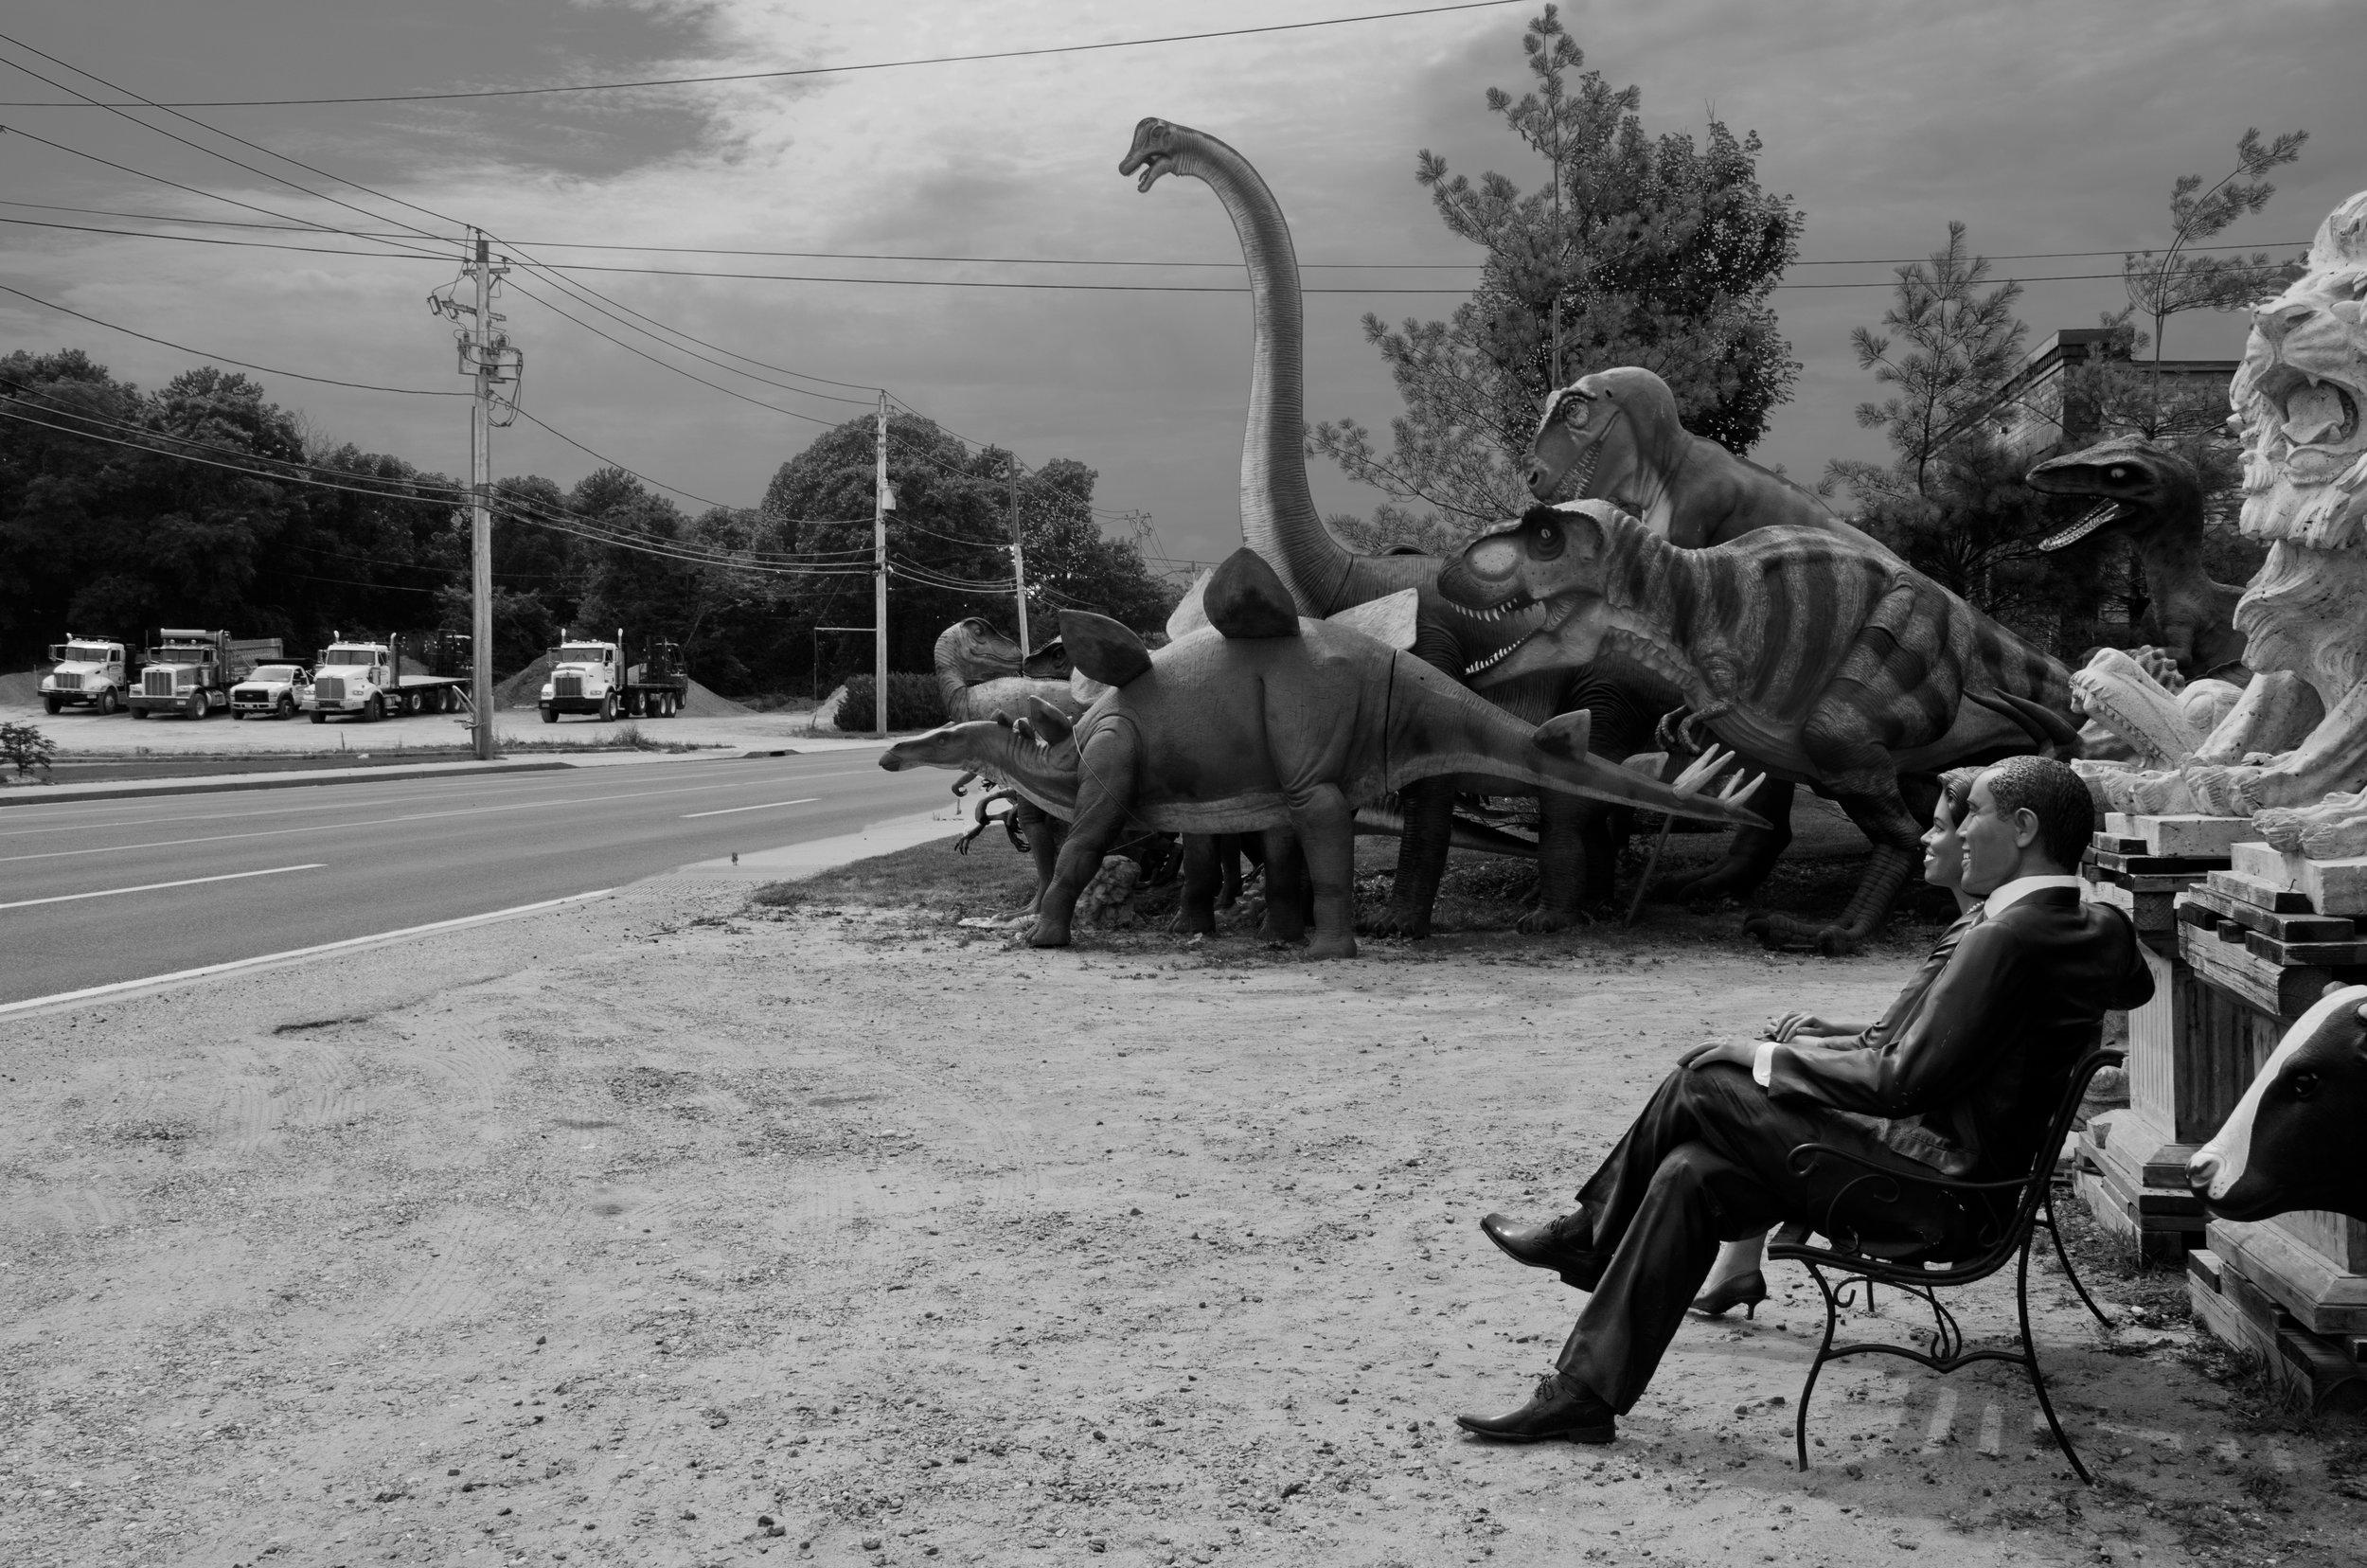 DinoFinalBW3.jpg